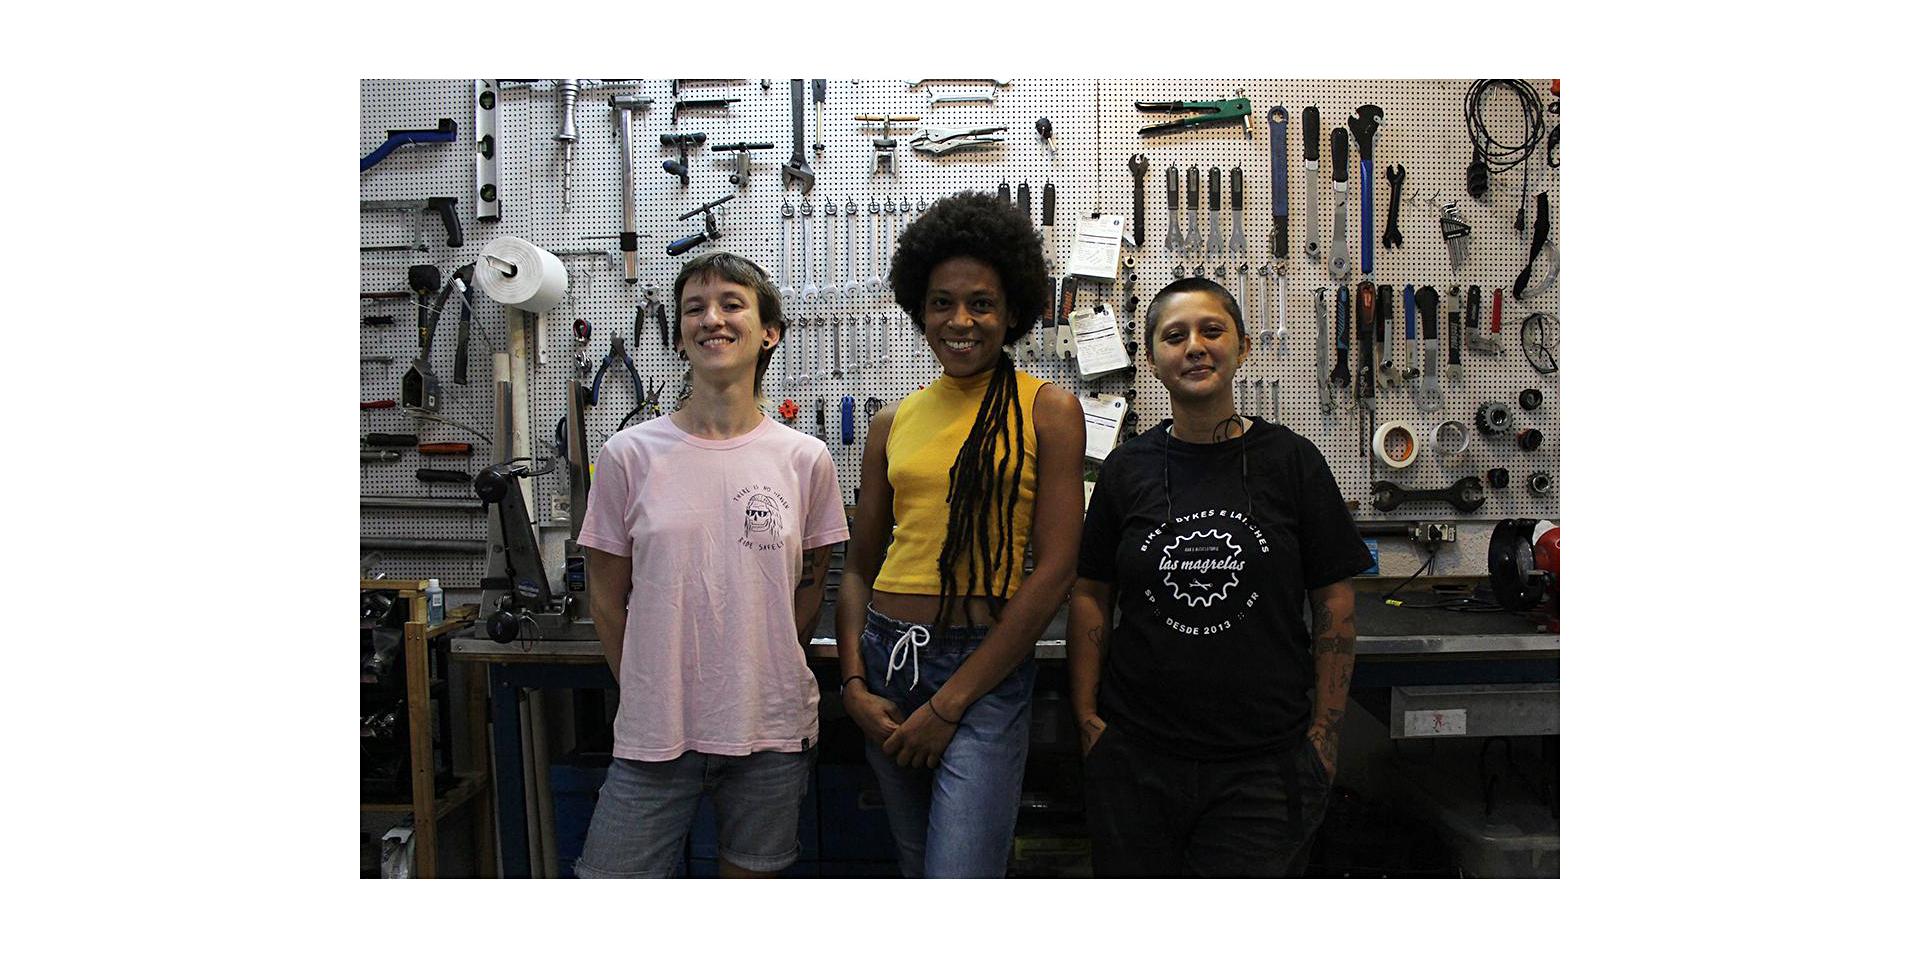 Talita Noguchi e equipe Las Magrelas, bike shop e bicicletaria no bairro de Pinheiros, em São Paulo